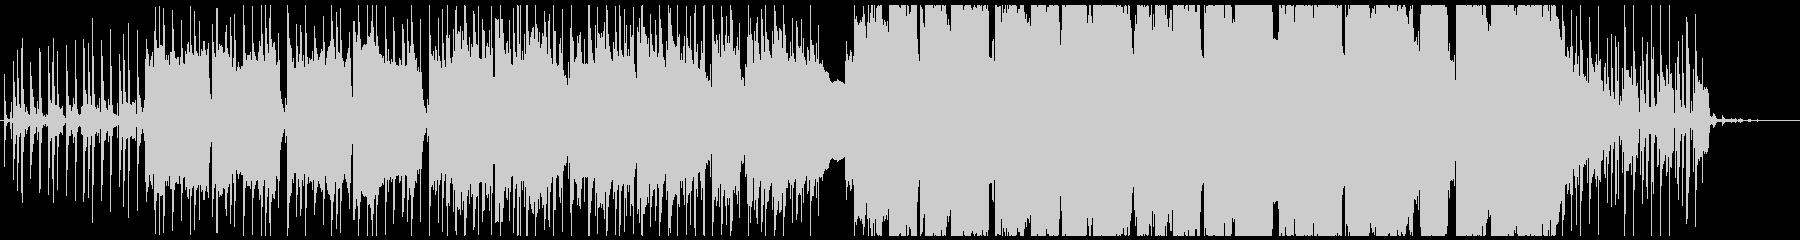 機械の街イメージのゆったりめシンセBGMの未再生の波形